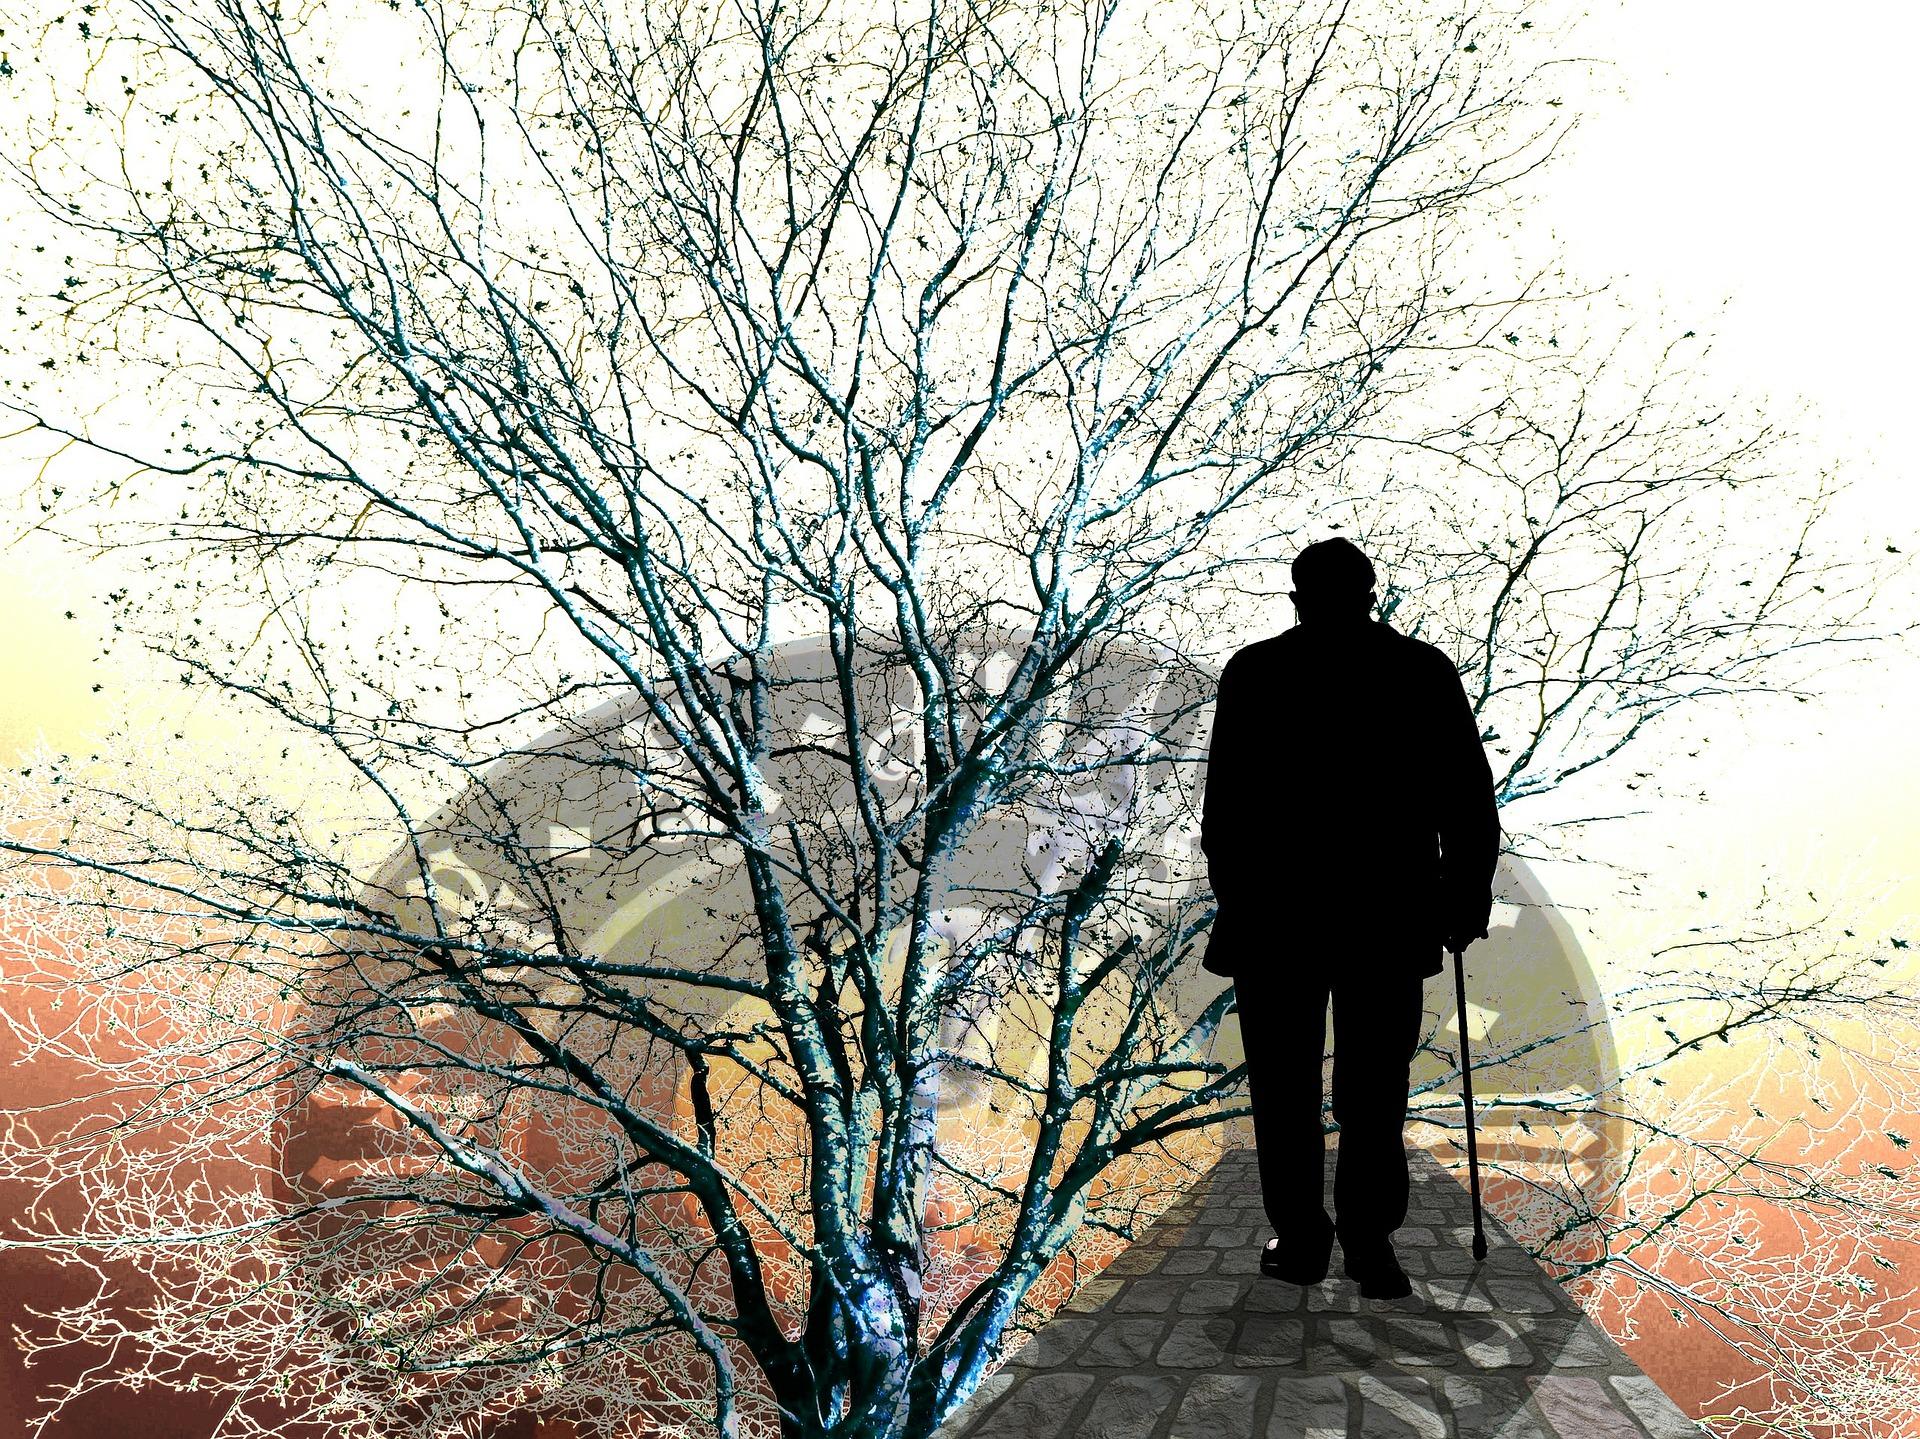 Qué son las cuentas nocionales y cómo afectan a las pensiones